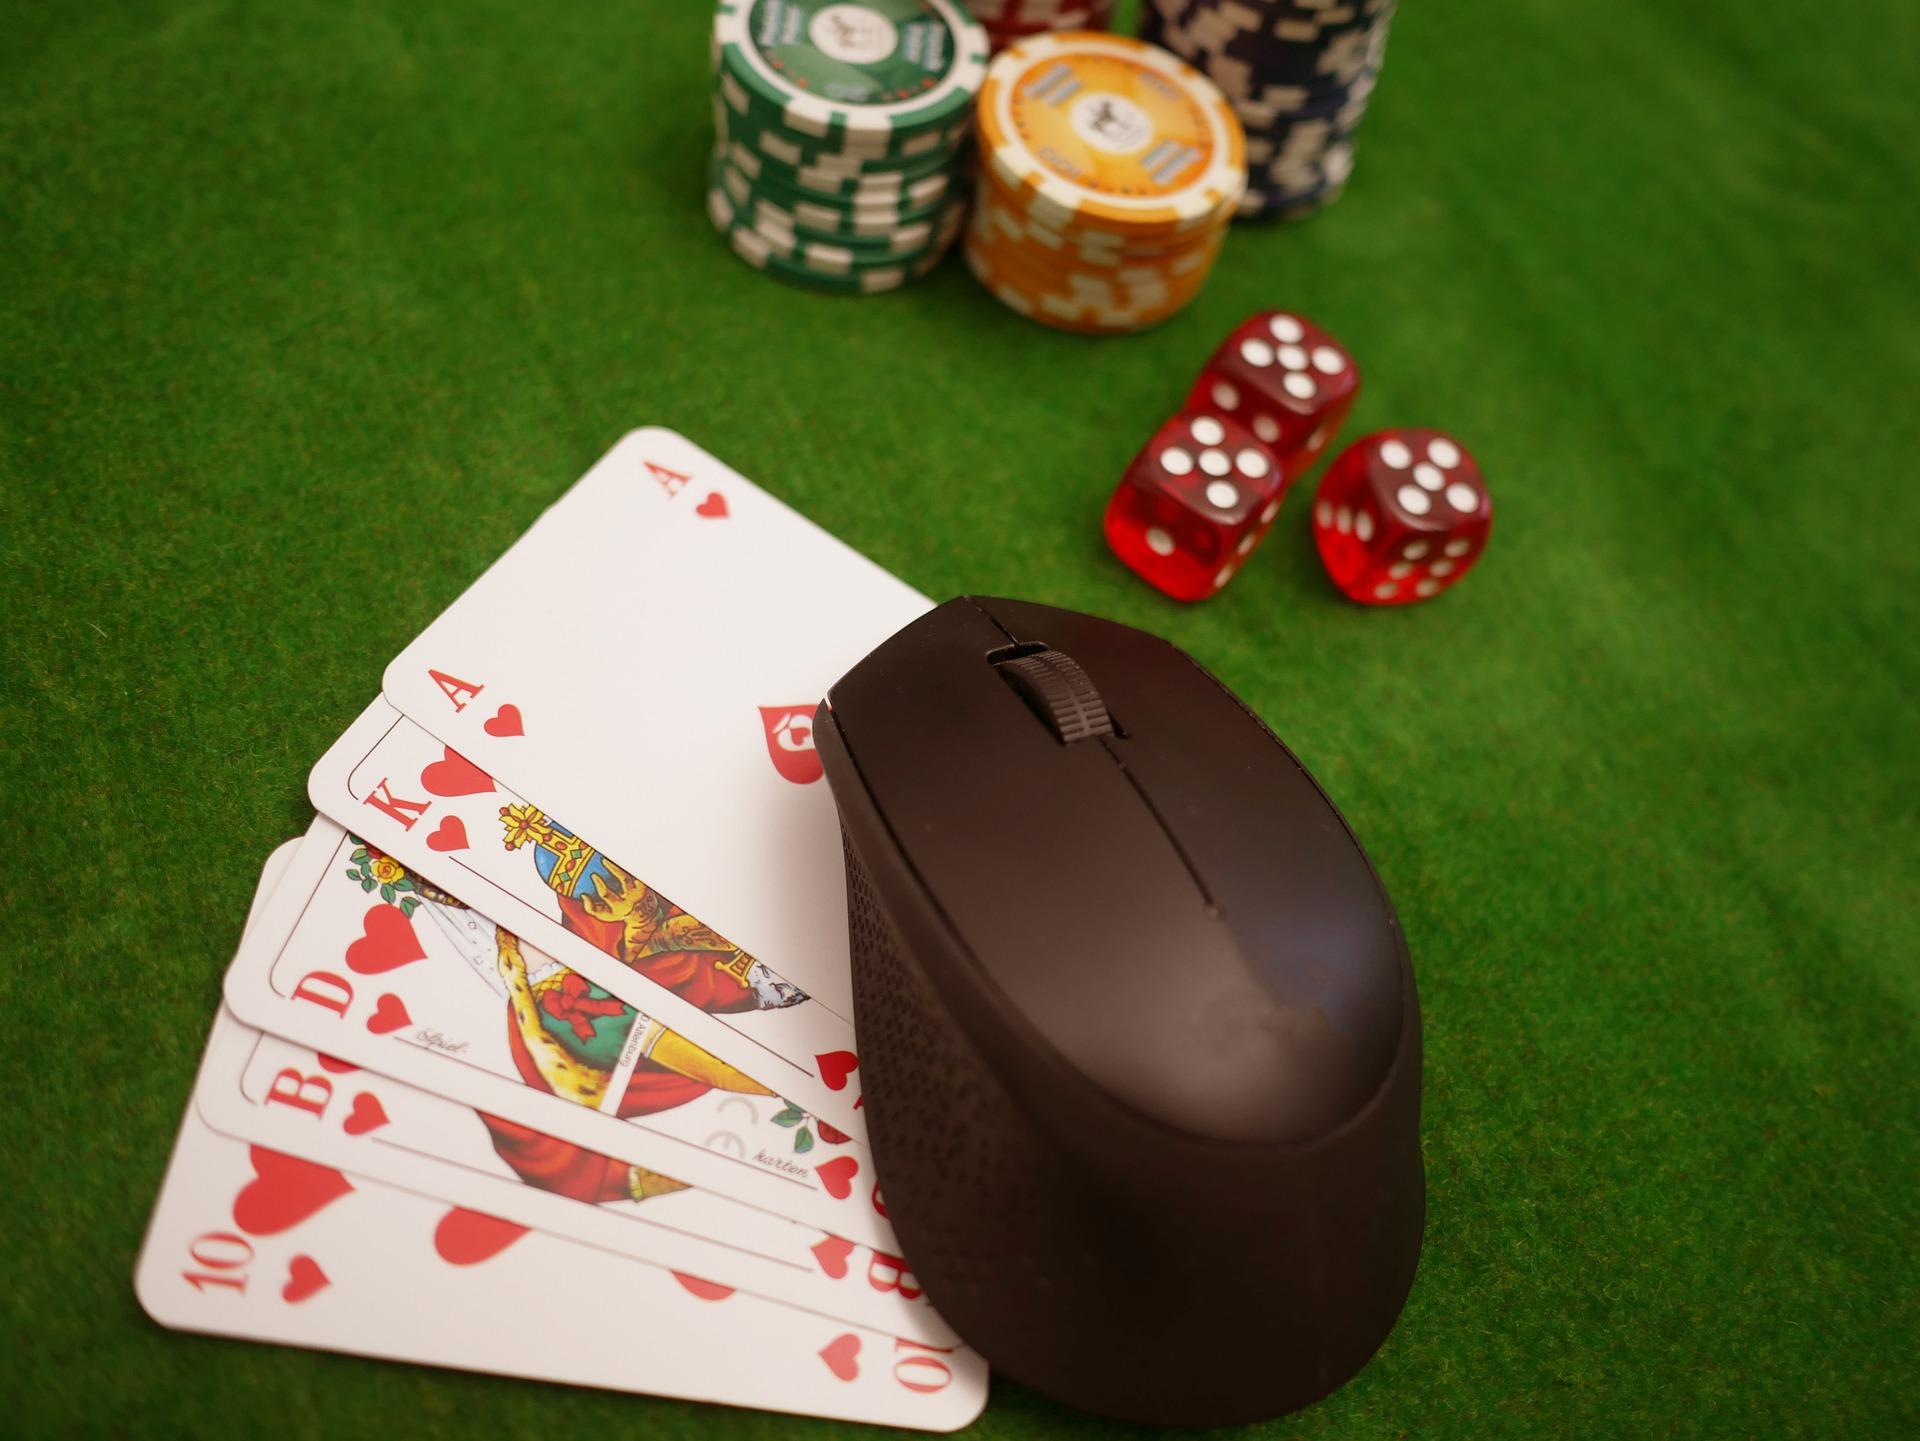 cartes dés jetons de poker sur tapis avec souris d'ordinateur pour casino en ligne